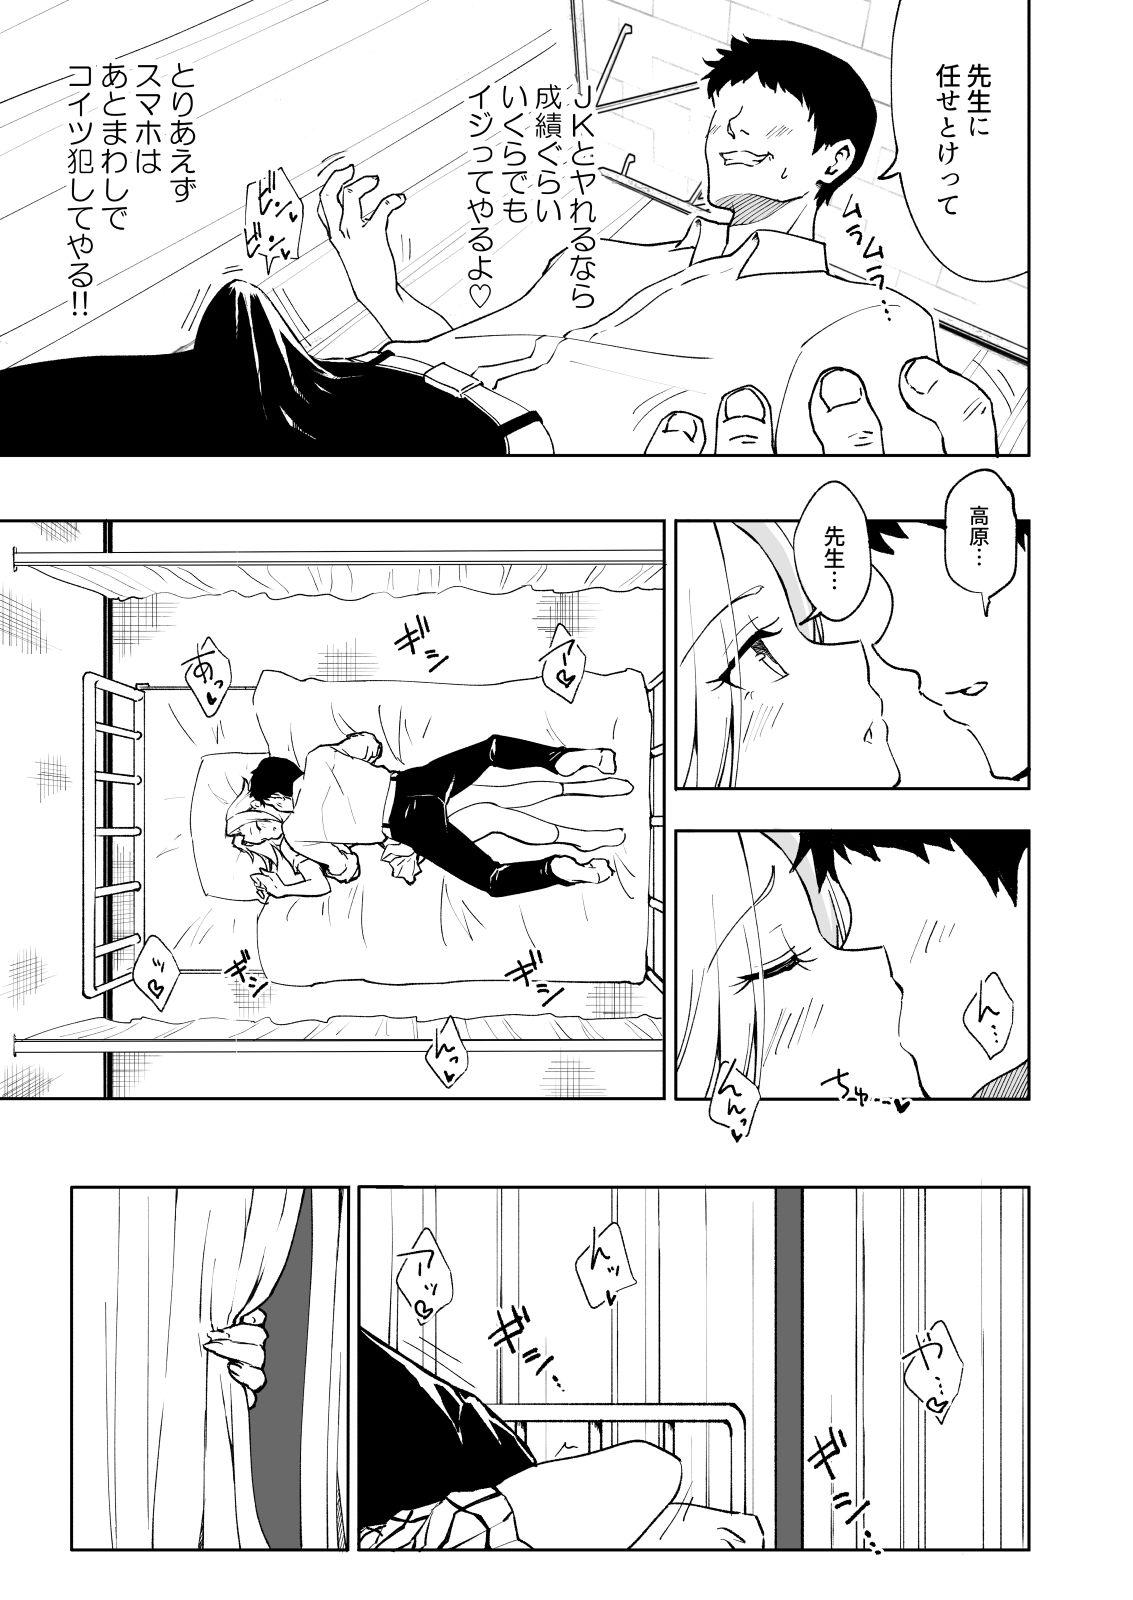 セックススマートフォン〜ハーレム学園編6〜